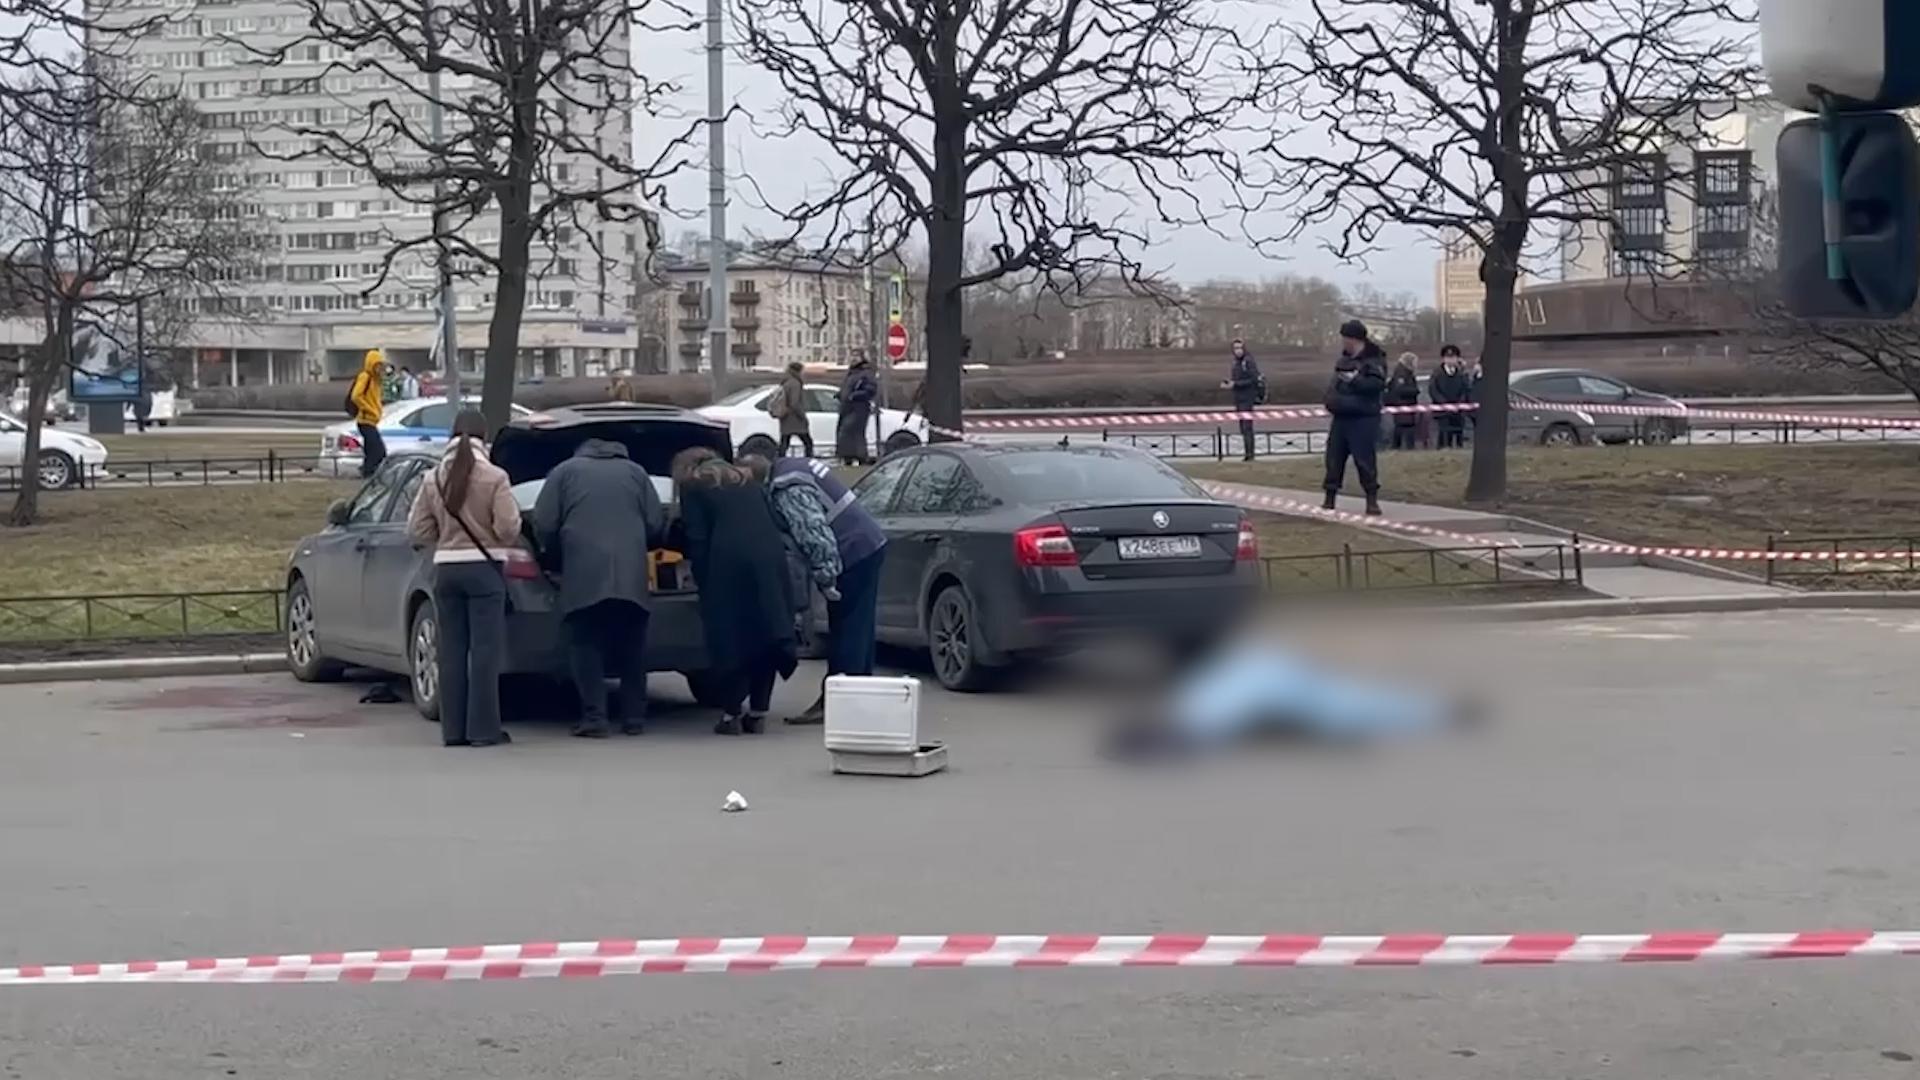 Мчал на авто с поддельными номерами: подозреваемый в кровавом нападении в Петербурге задержан в Карелии